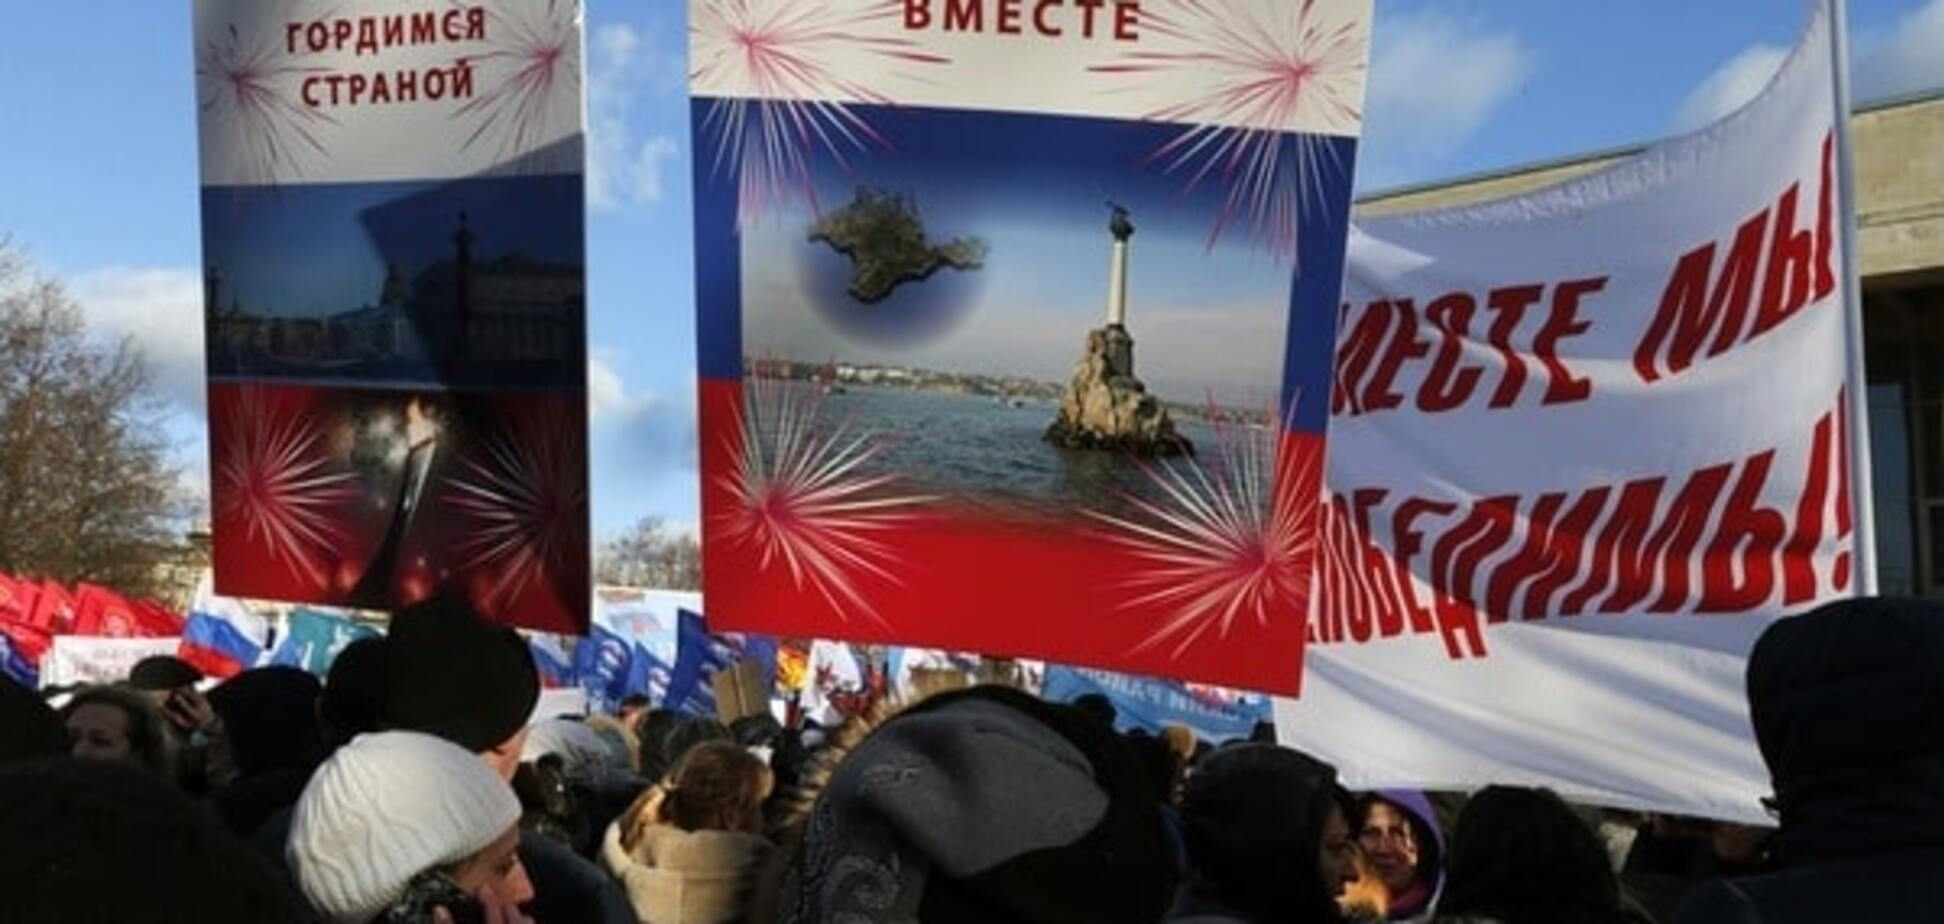 Окупанти не пускають у Крим автомобілі з українськими номерами